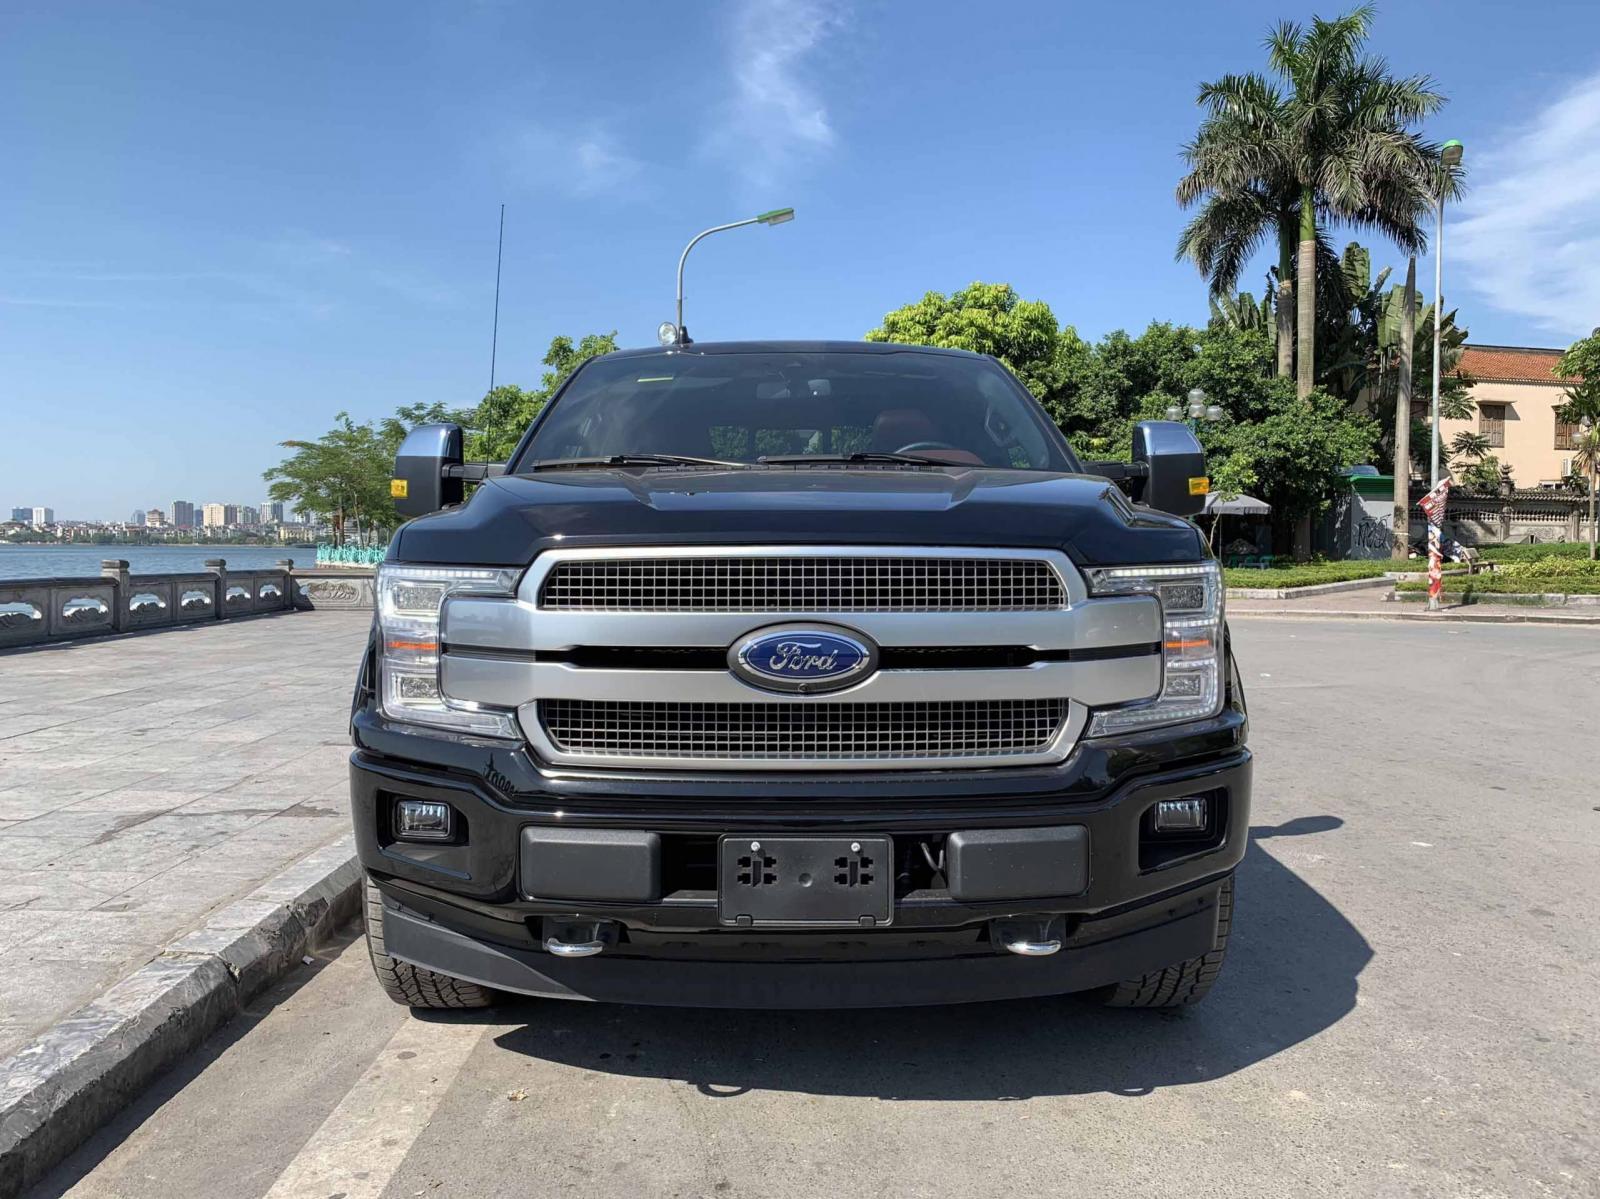 Bán xe Ford F 150 Platinum đời 2019, màu đen, nhập khẩu chính hãng